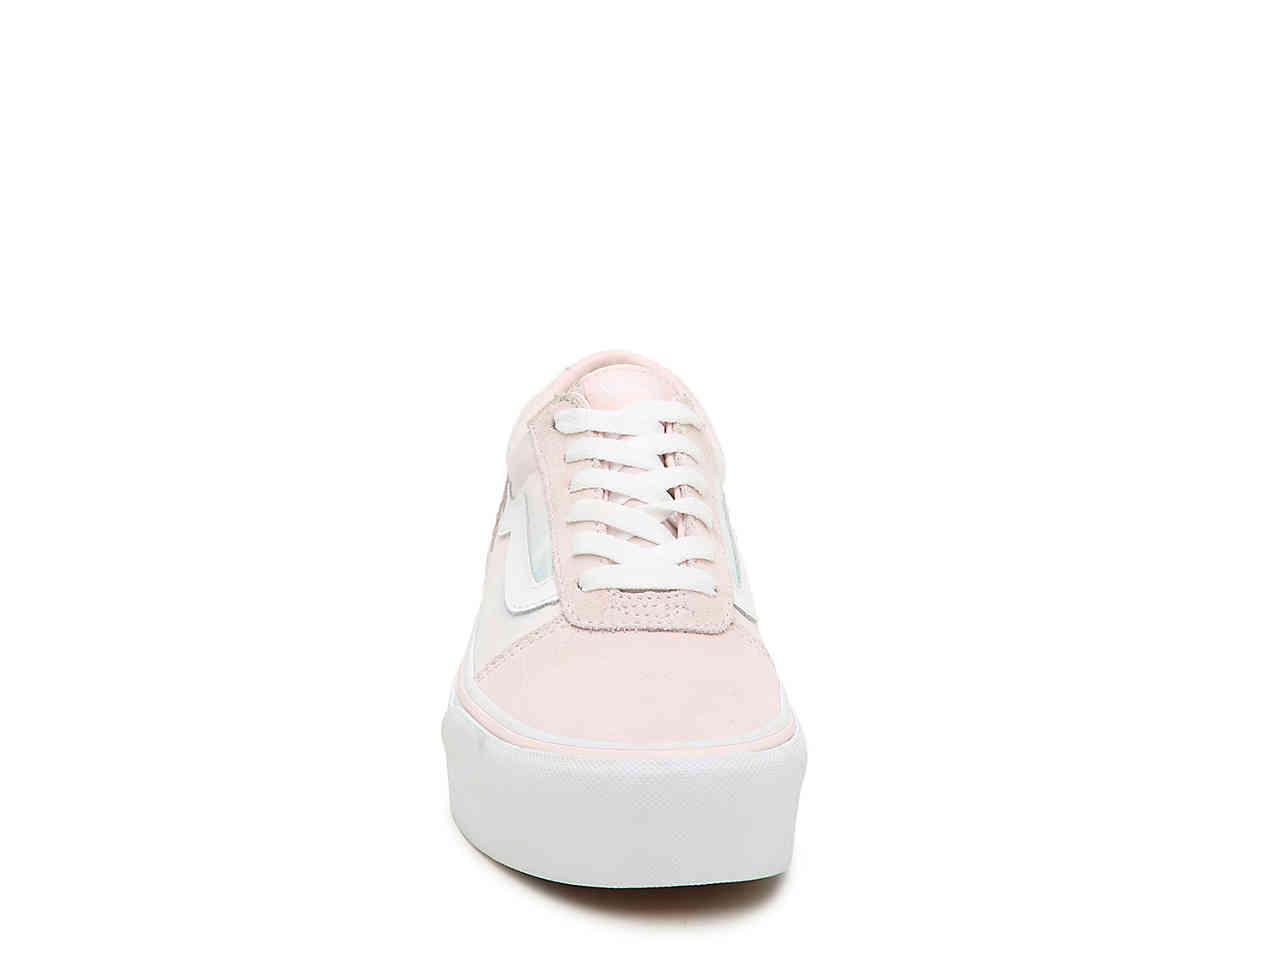 Lyst - Vans Ward Platform Sneaker in Pink bea14d102